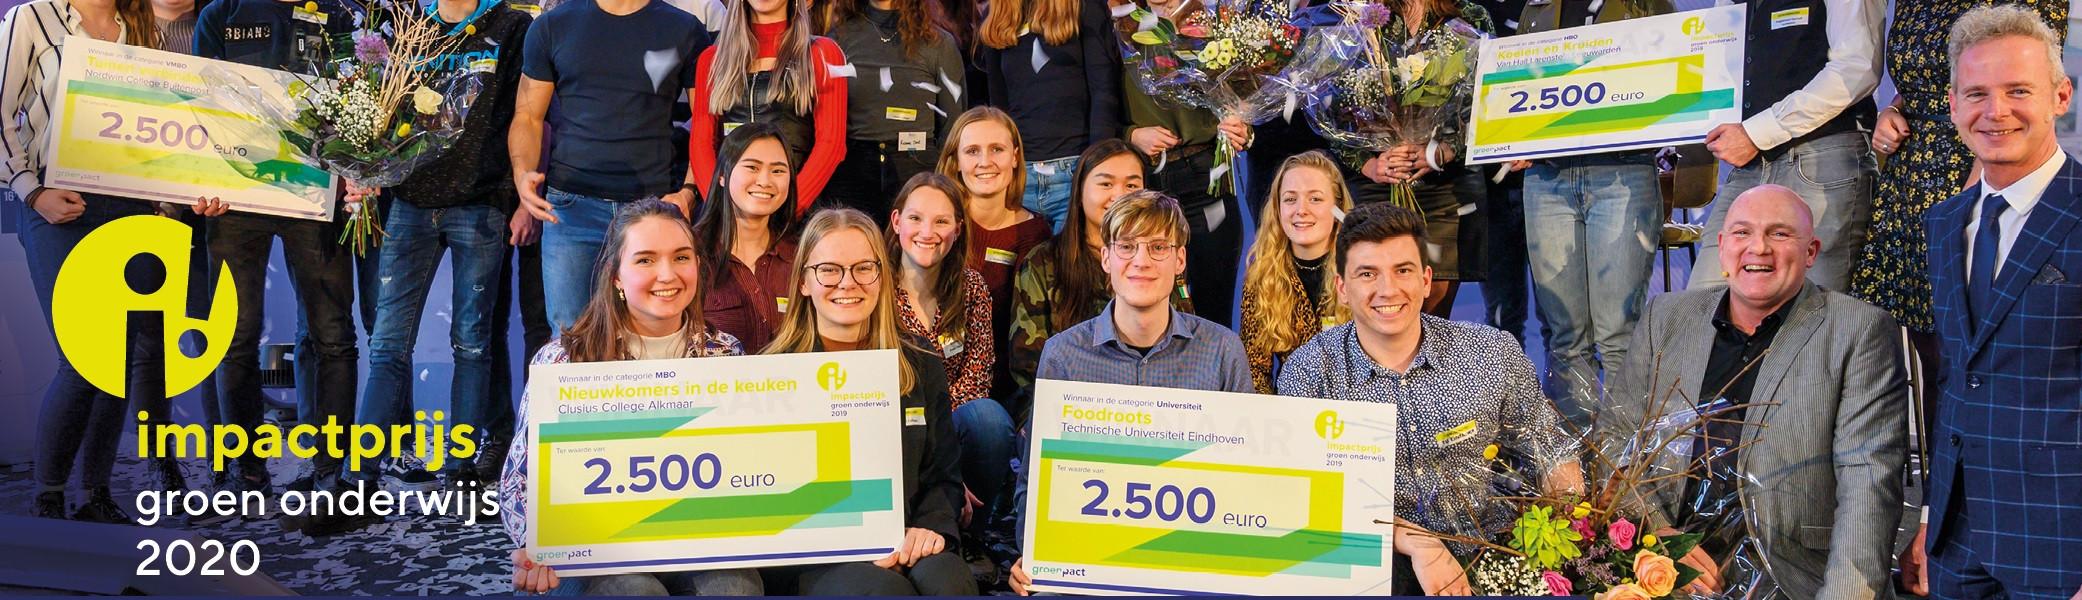 Genomineerden Impactprijs 2020 bekend